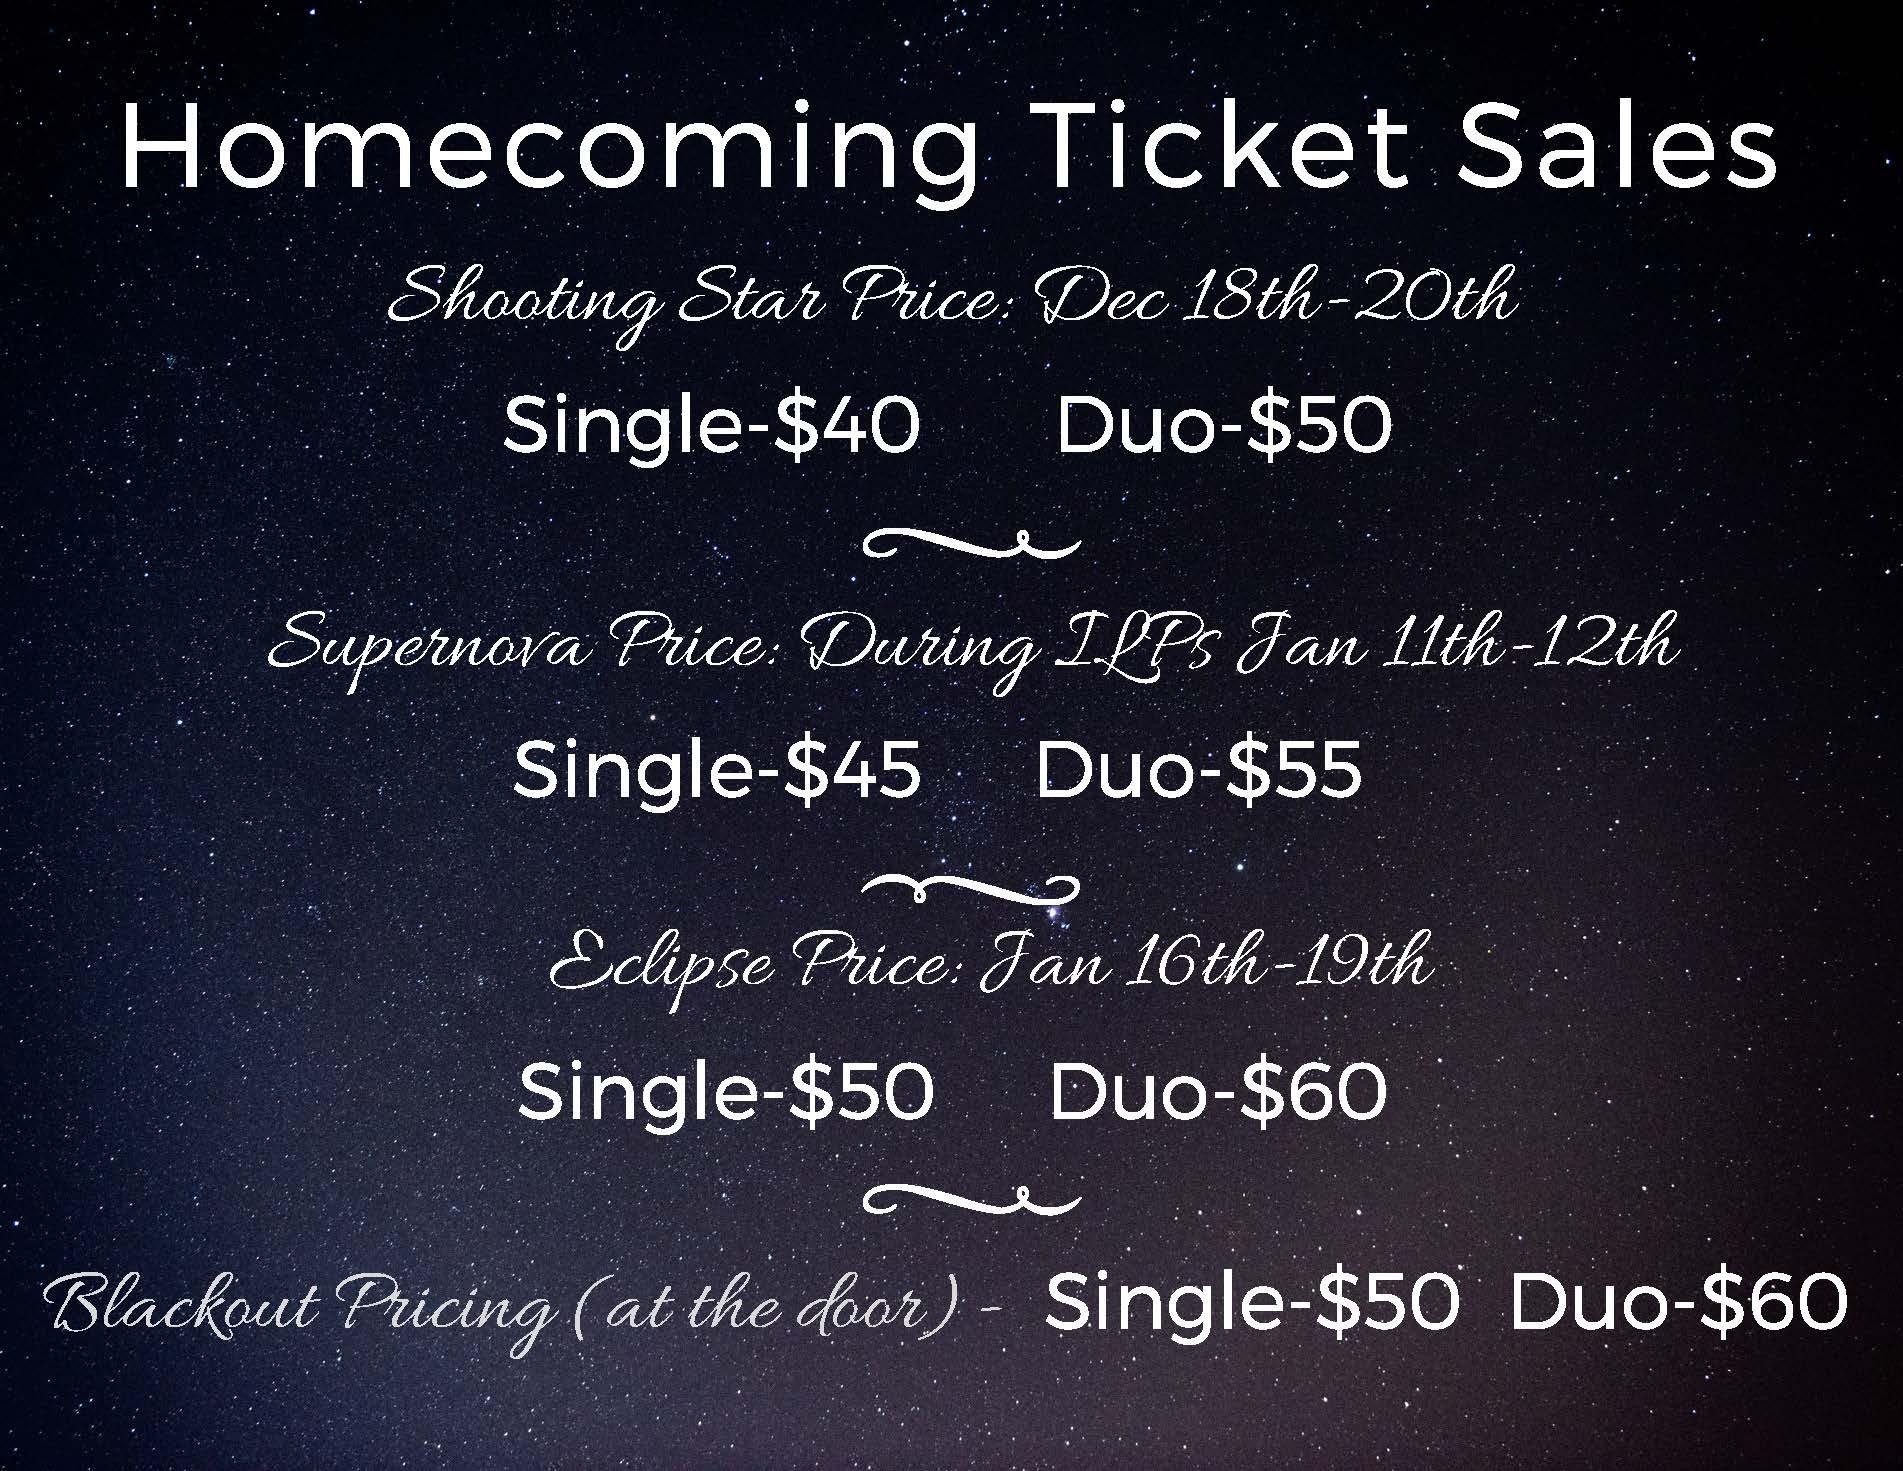 hs-homecoming-ticket-sales.jpg